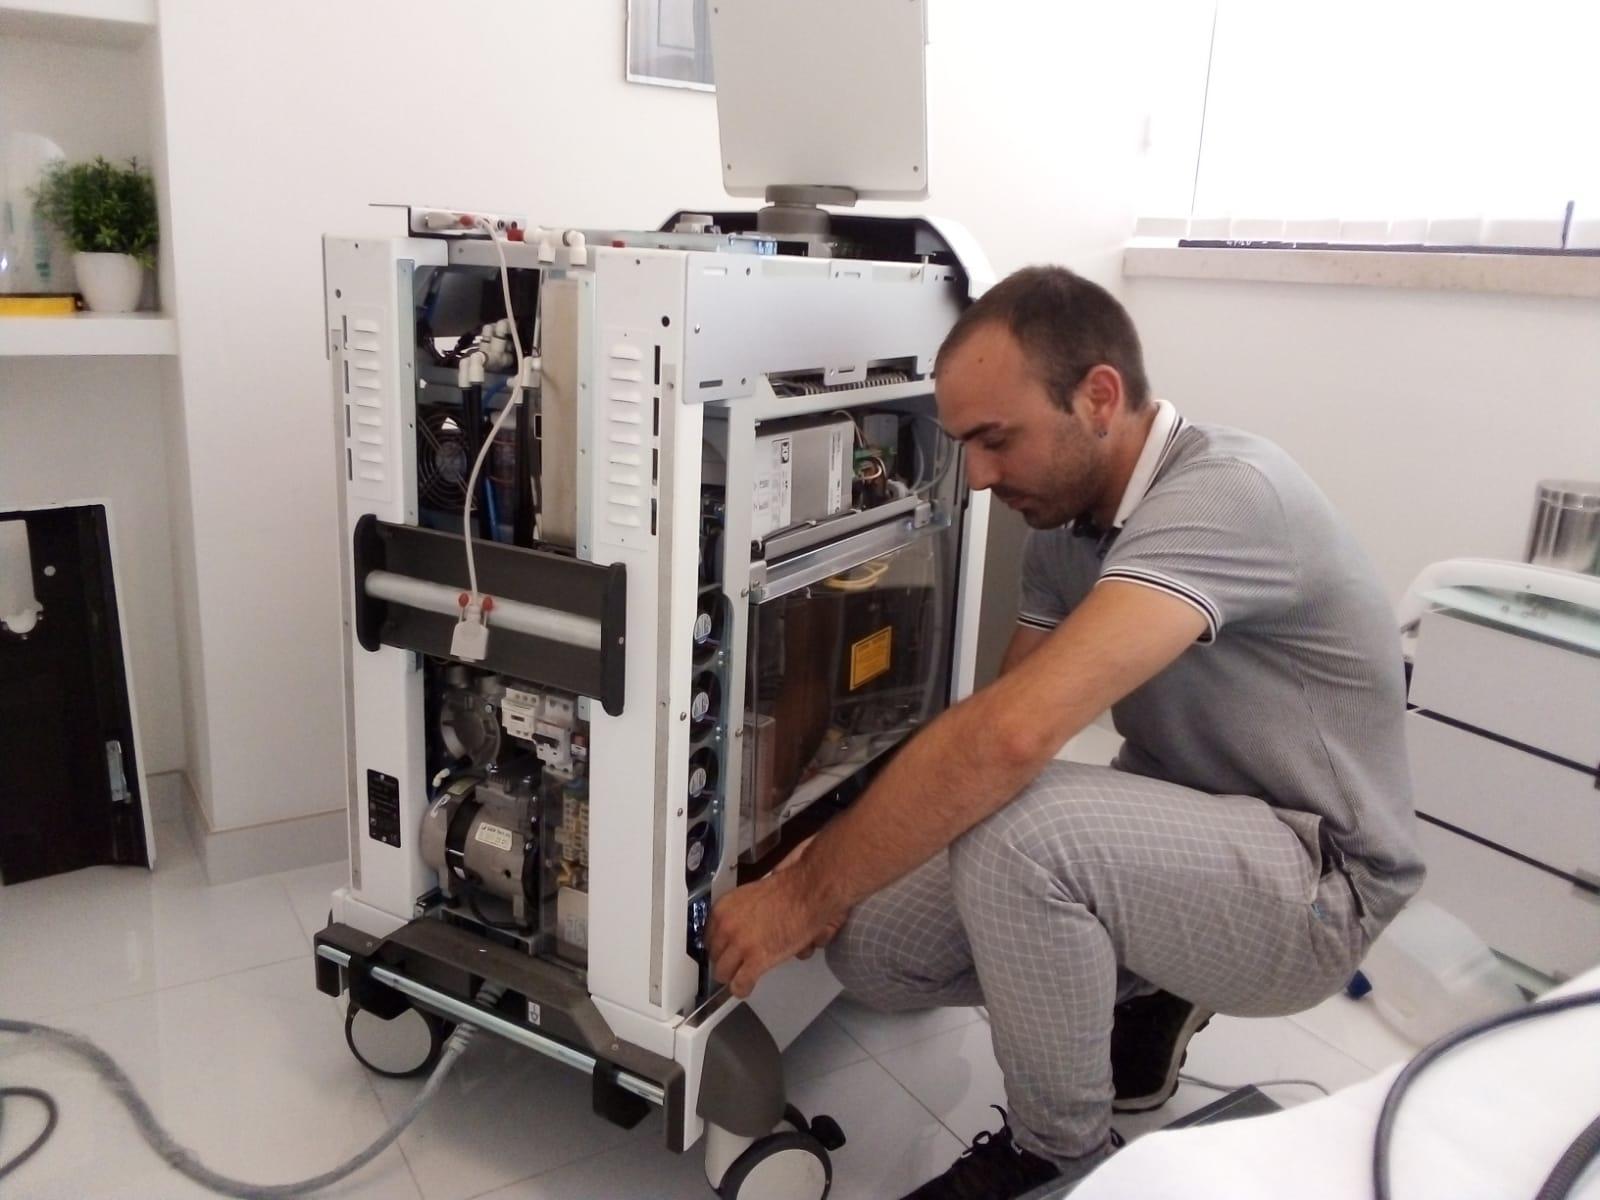 Assistenza apparecchiature mediche assistenza riparazione e manutenzione apparecchiature scientificheMuse Tecnologie Srl - Sassari Sardegna Italia